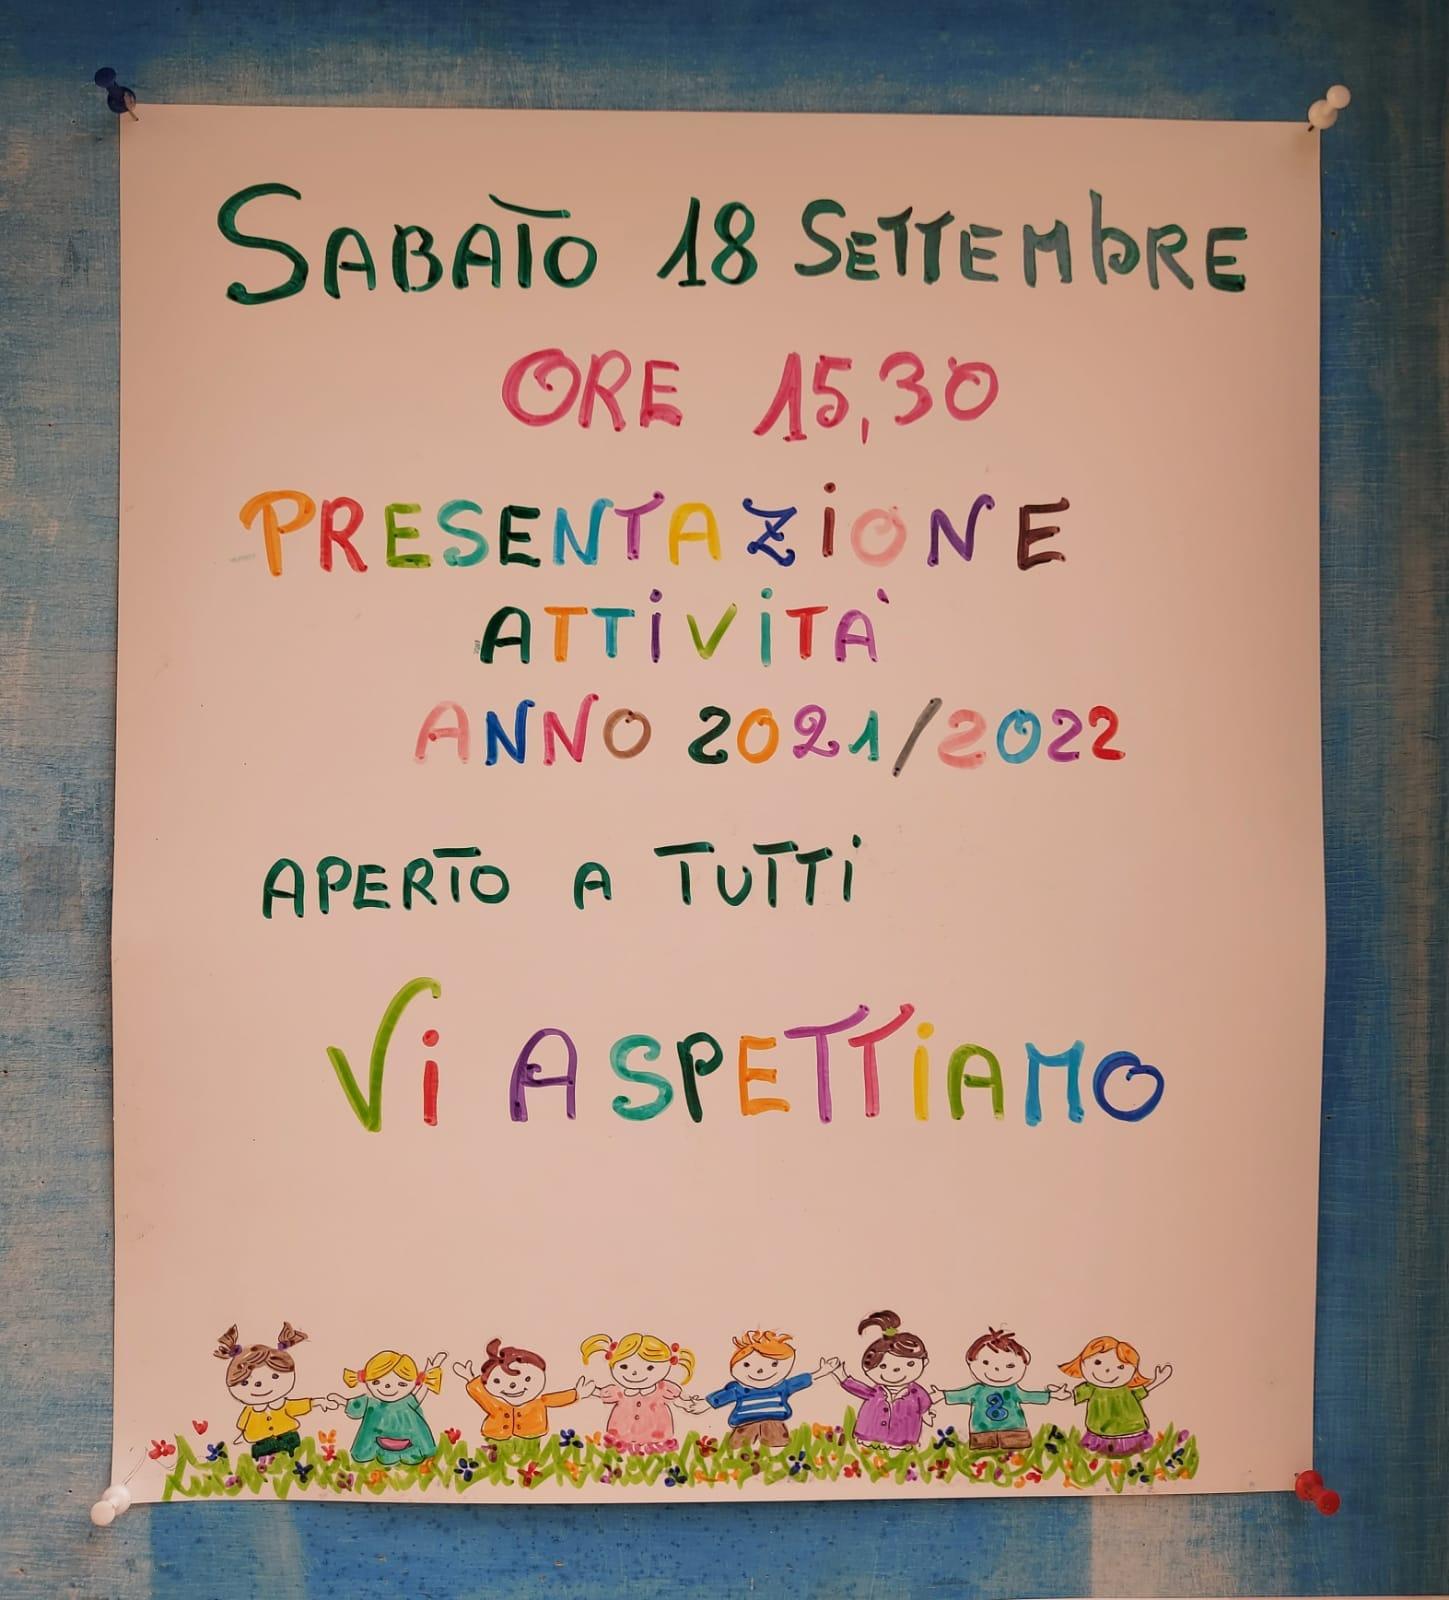 SABATO 18 SETTEMBRE PRESENTAZIONE ATTIVITA' ANNO 201-2022